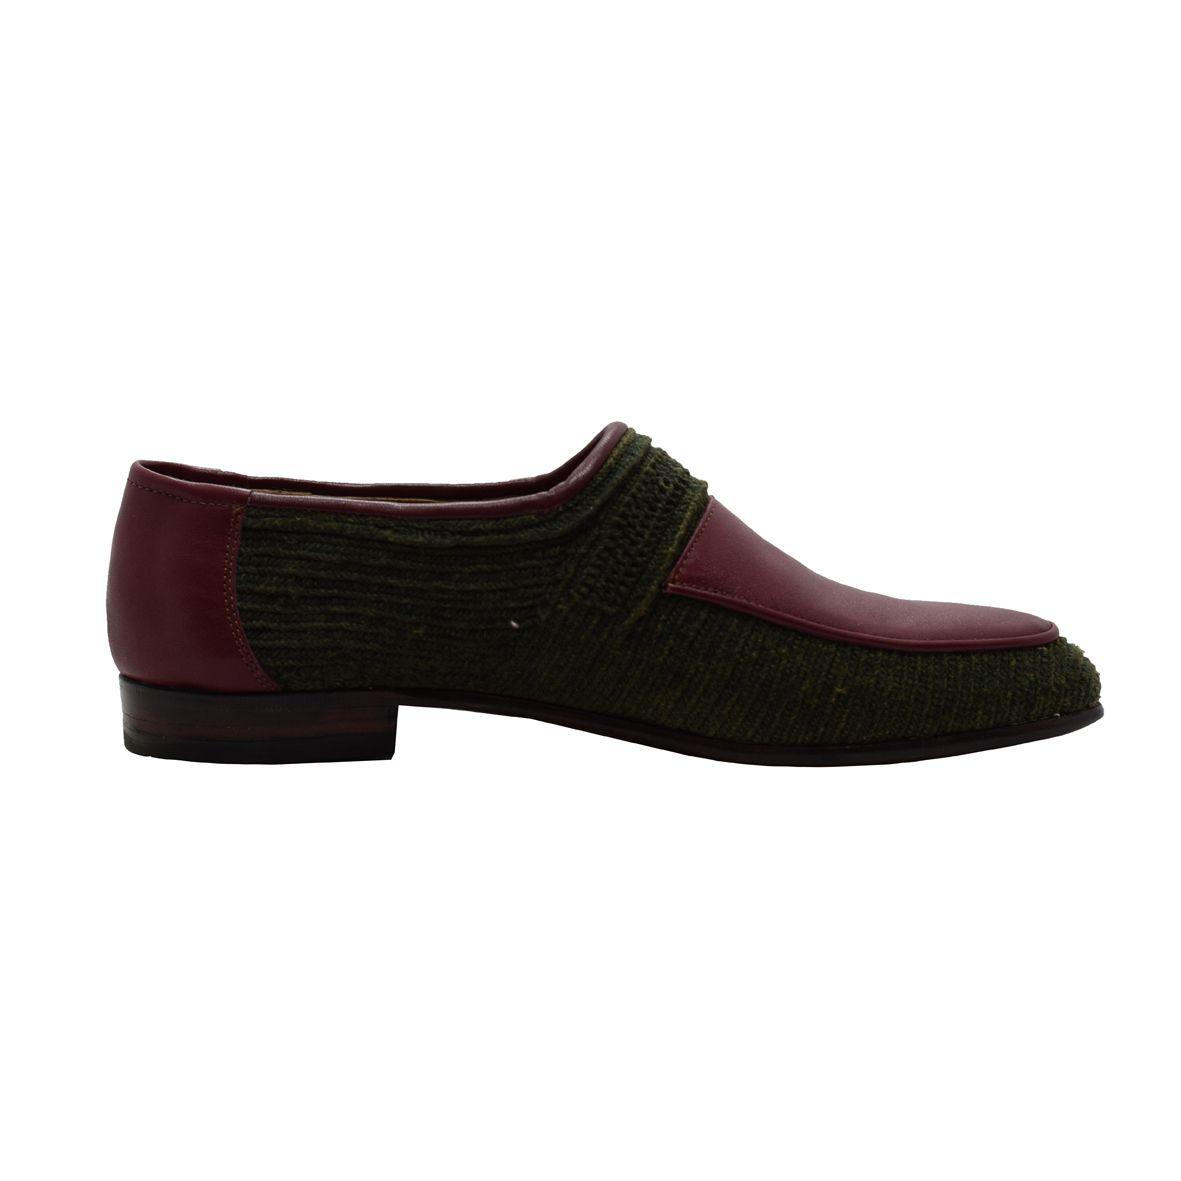 کفش زنانه دگرمان مدل آبان کد deg.1ab1023 -  - 5